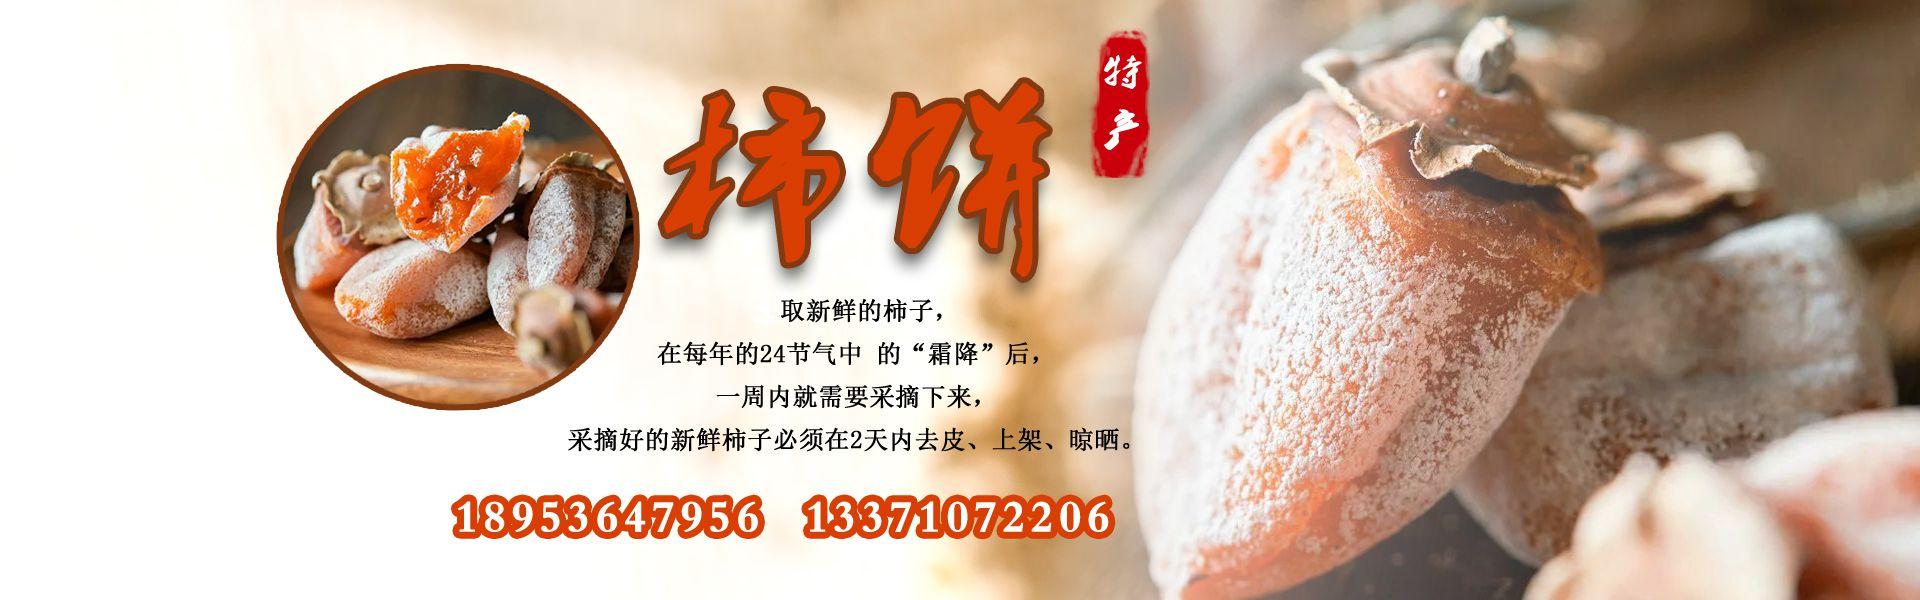 青州青鼎贸易有限公司